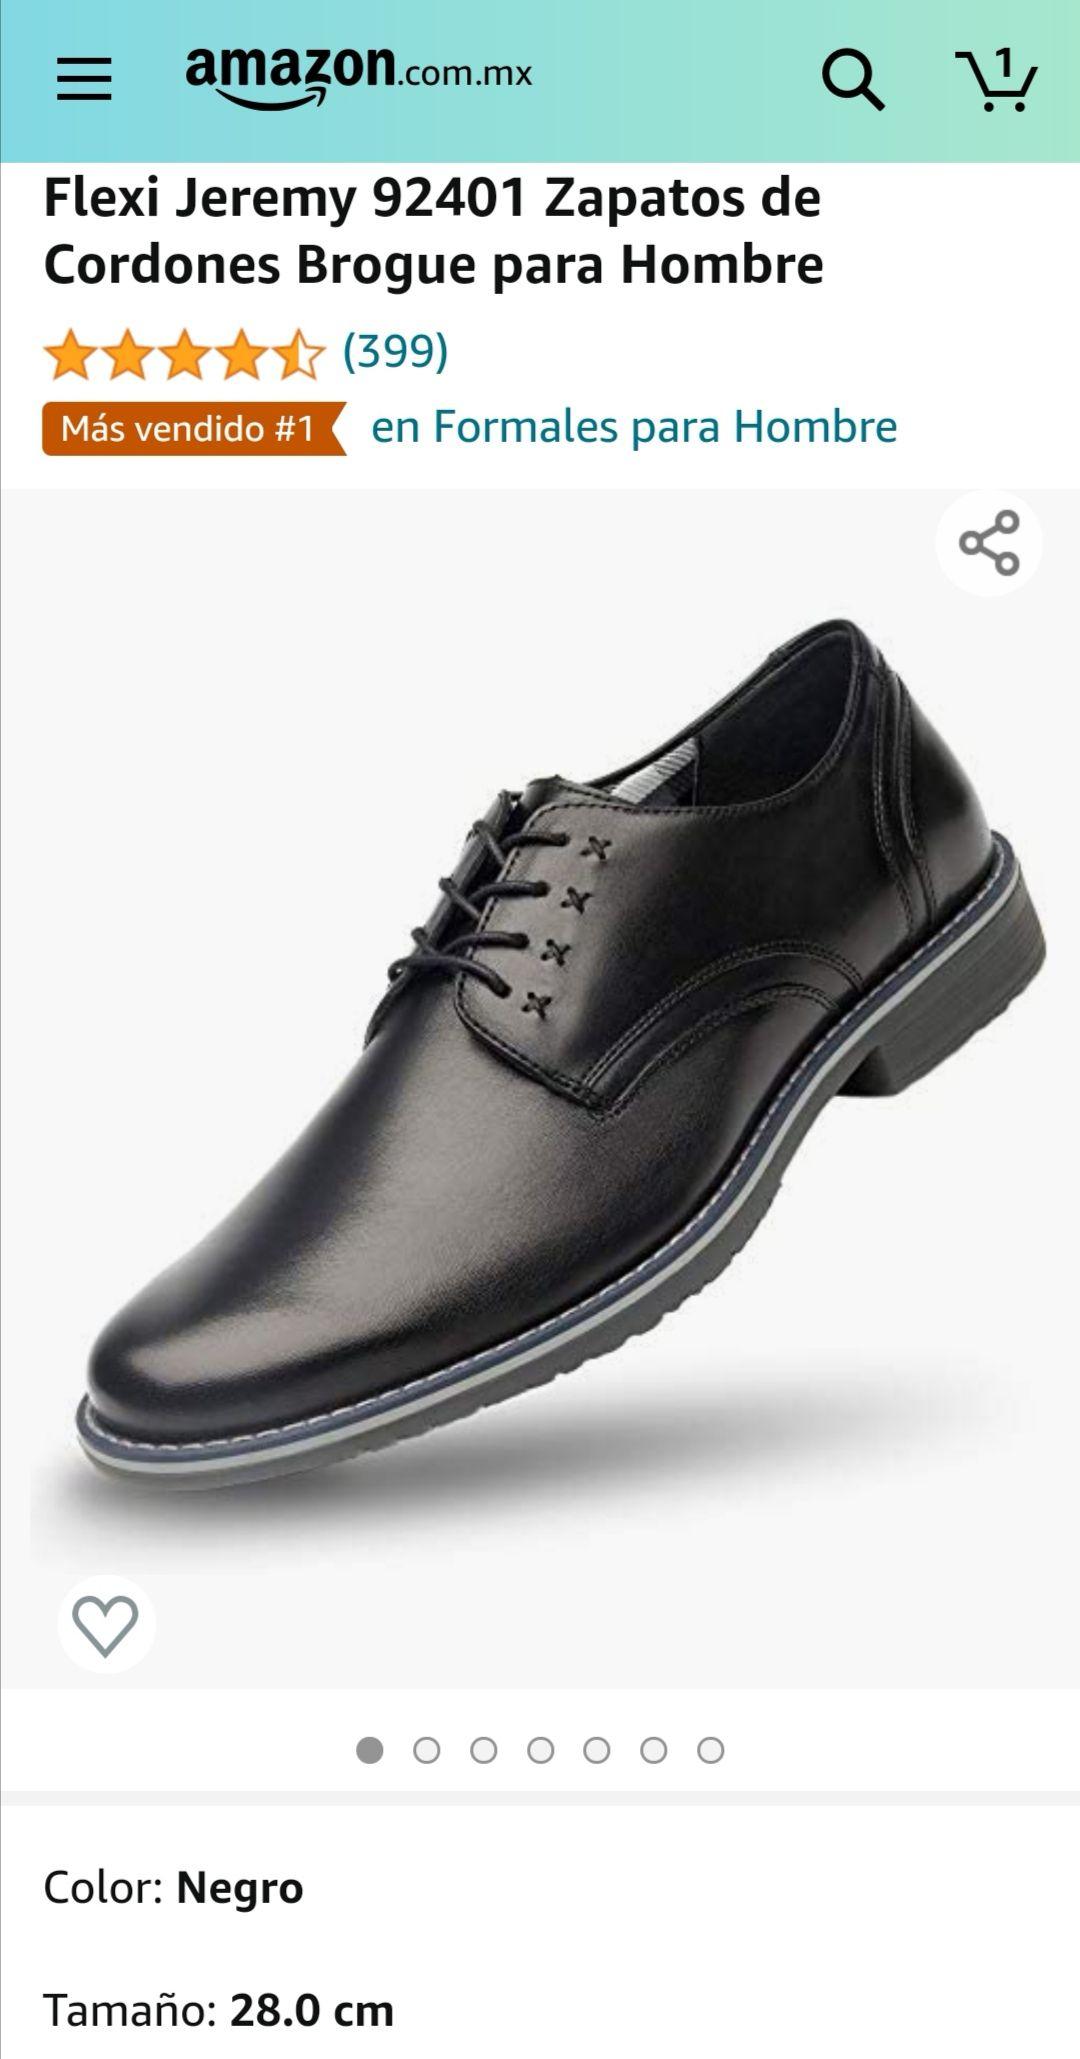 Amazon: Zapato flexi